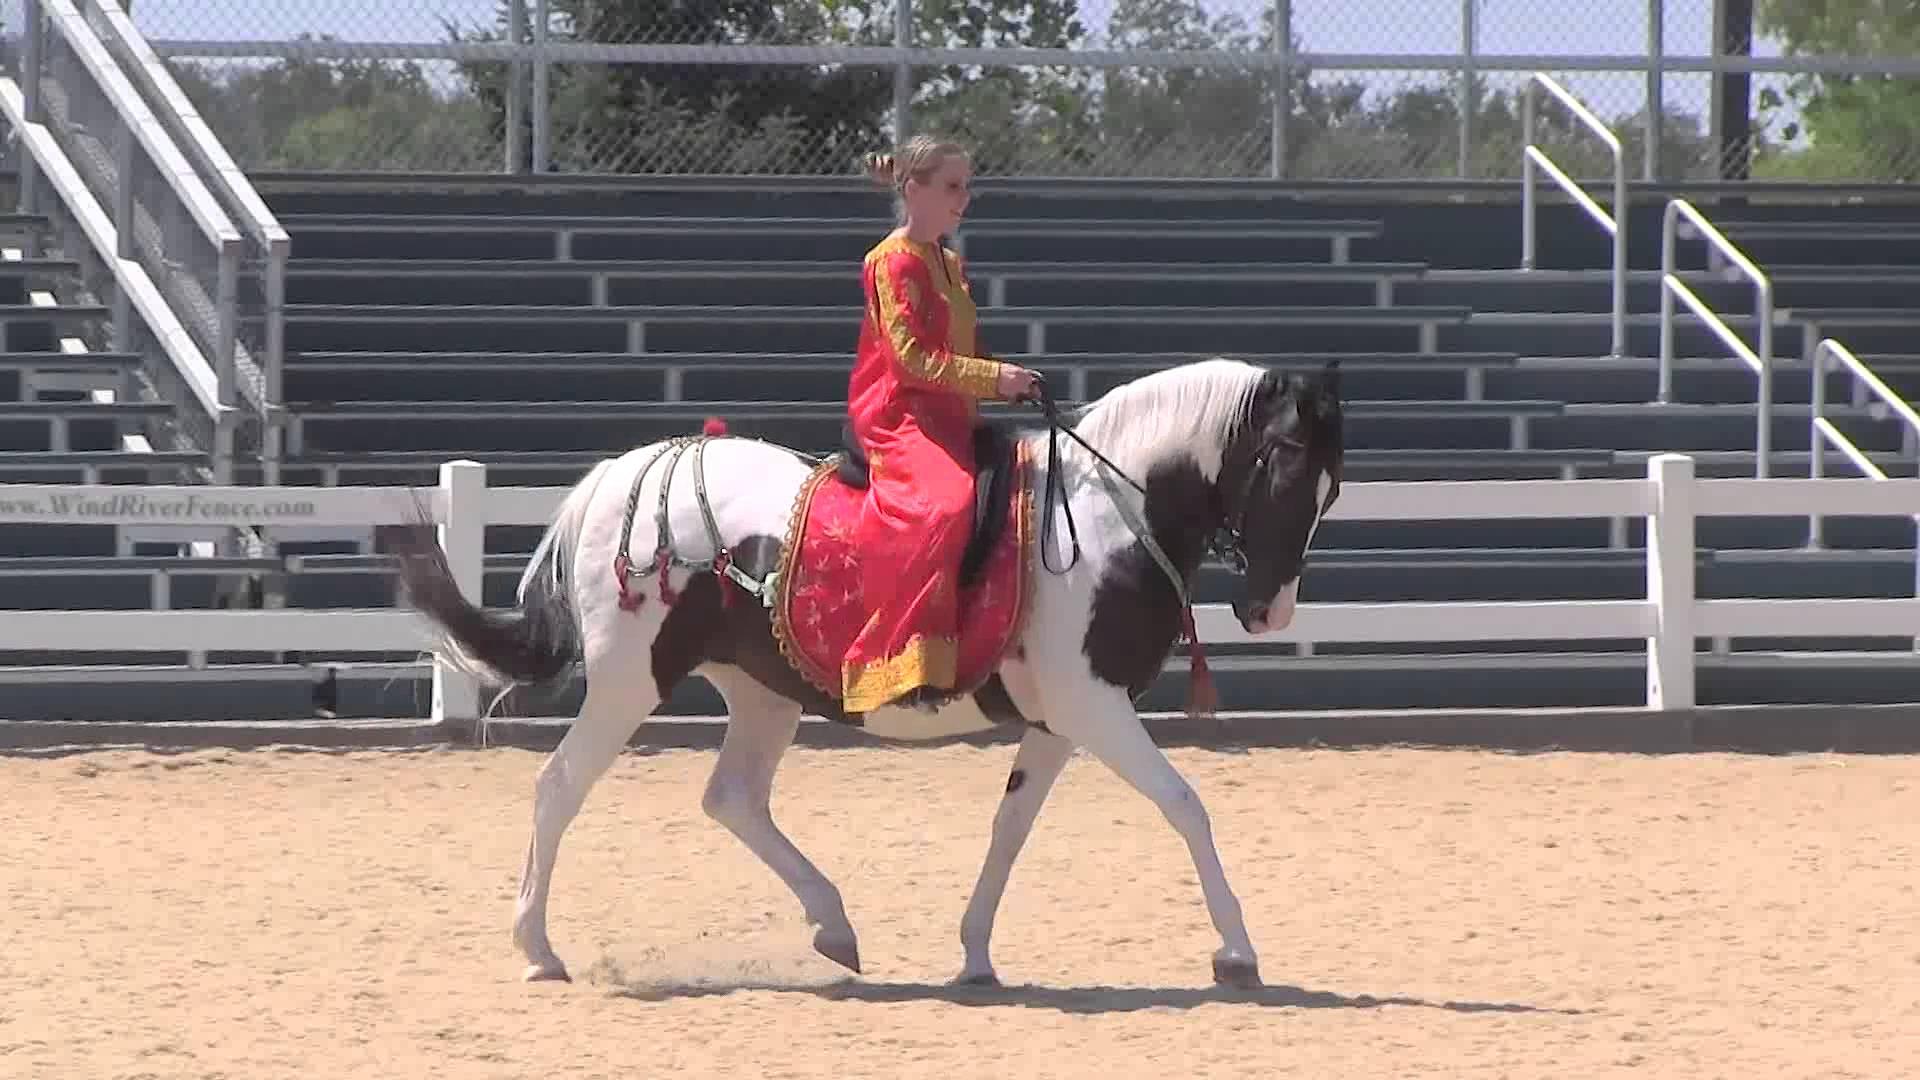 Kentucky Horse Park - Parade of Breeds (Canon VIXIA HF G10) - YouTube